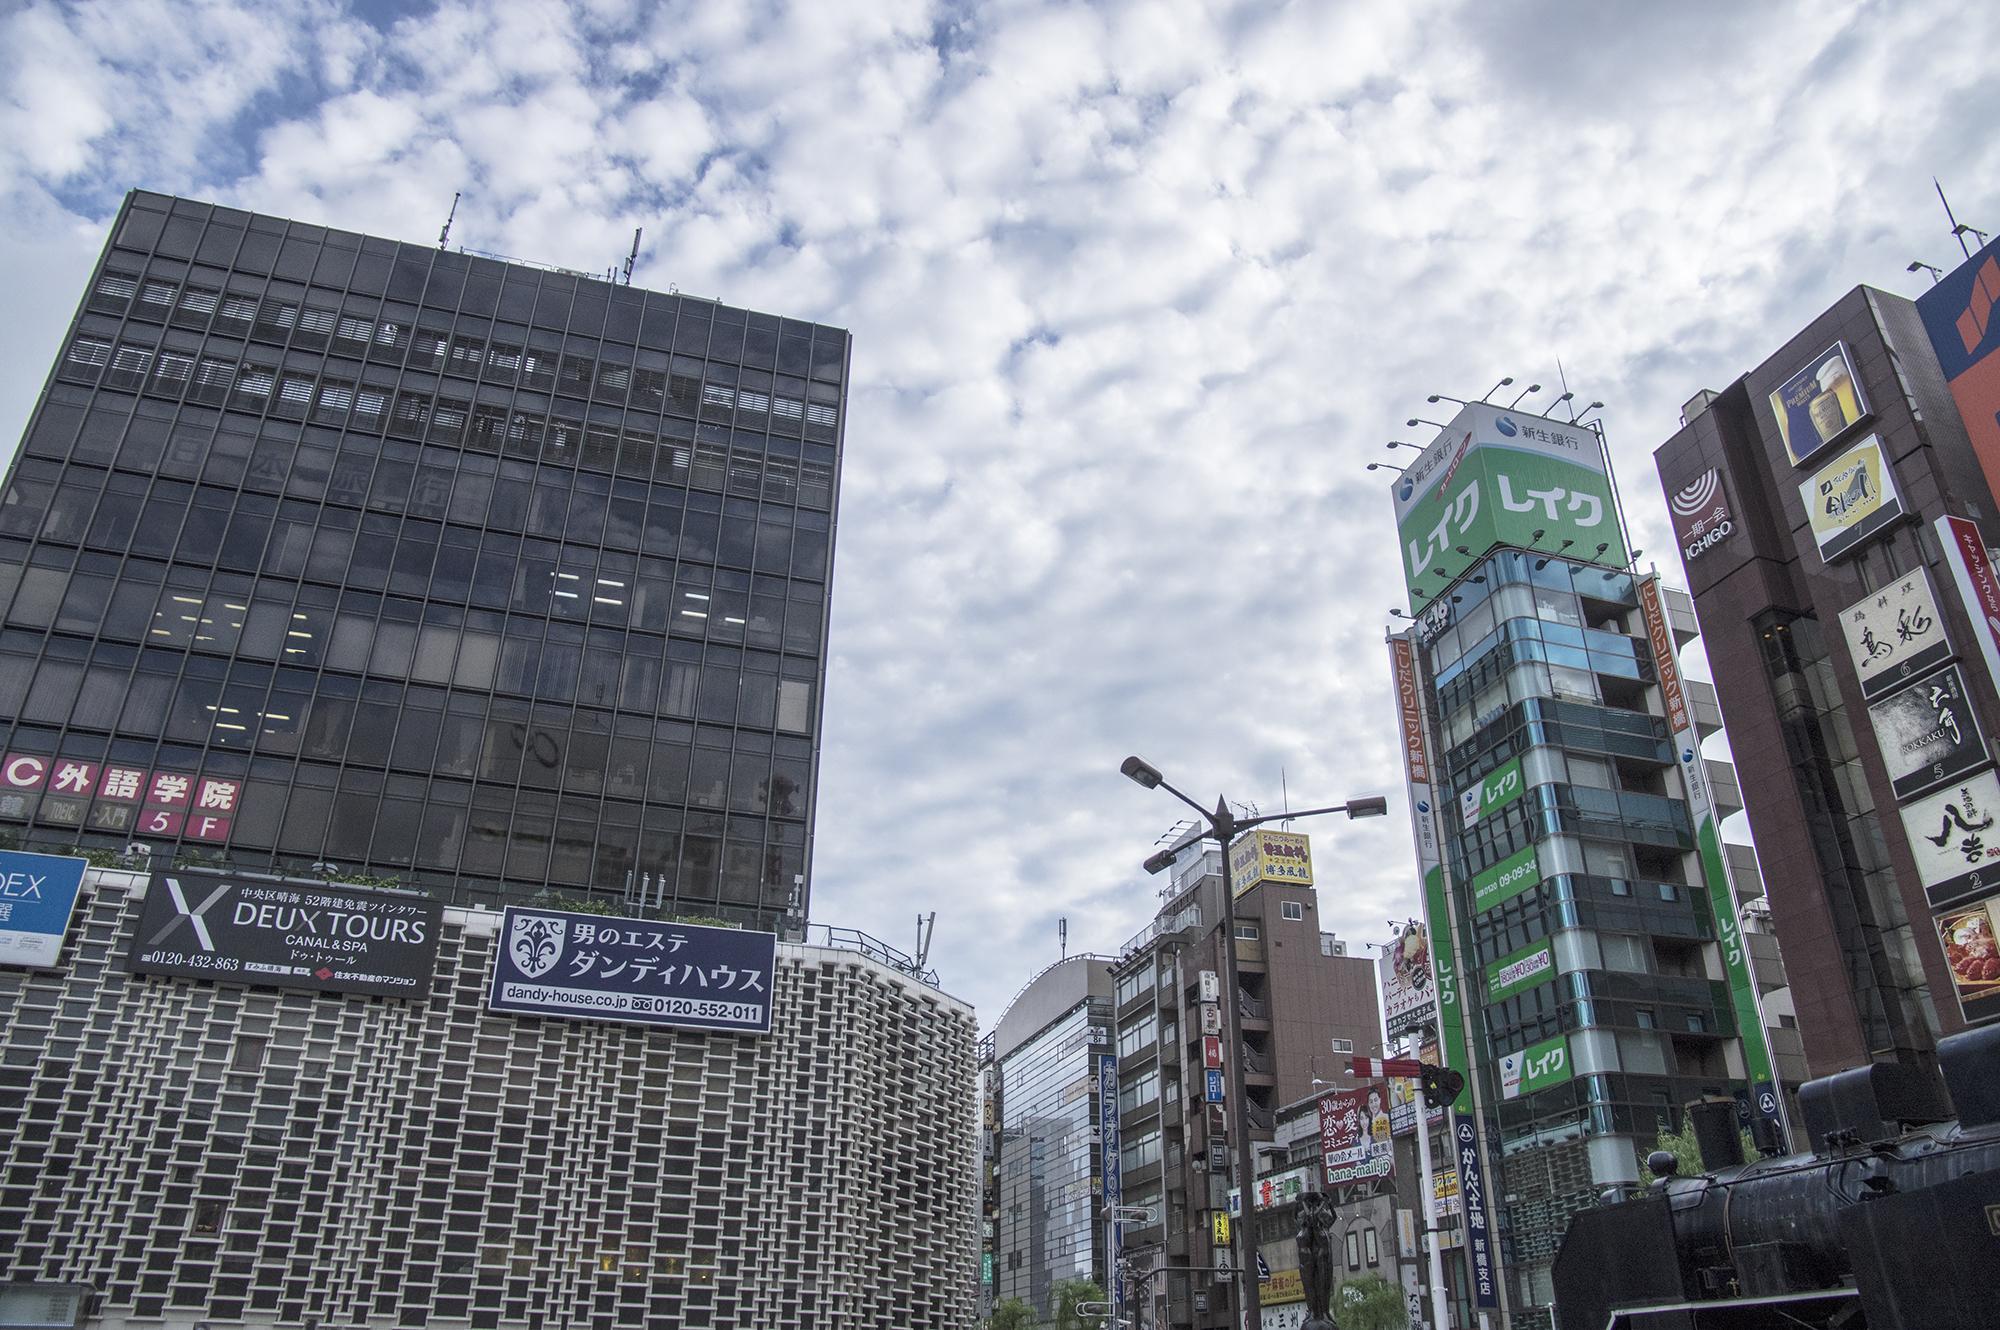 新橋(港区)で居抜きで飲食店を開業するための街情報